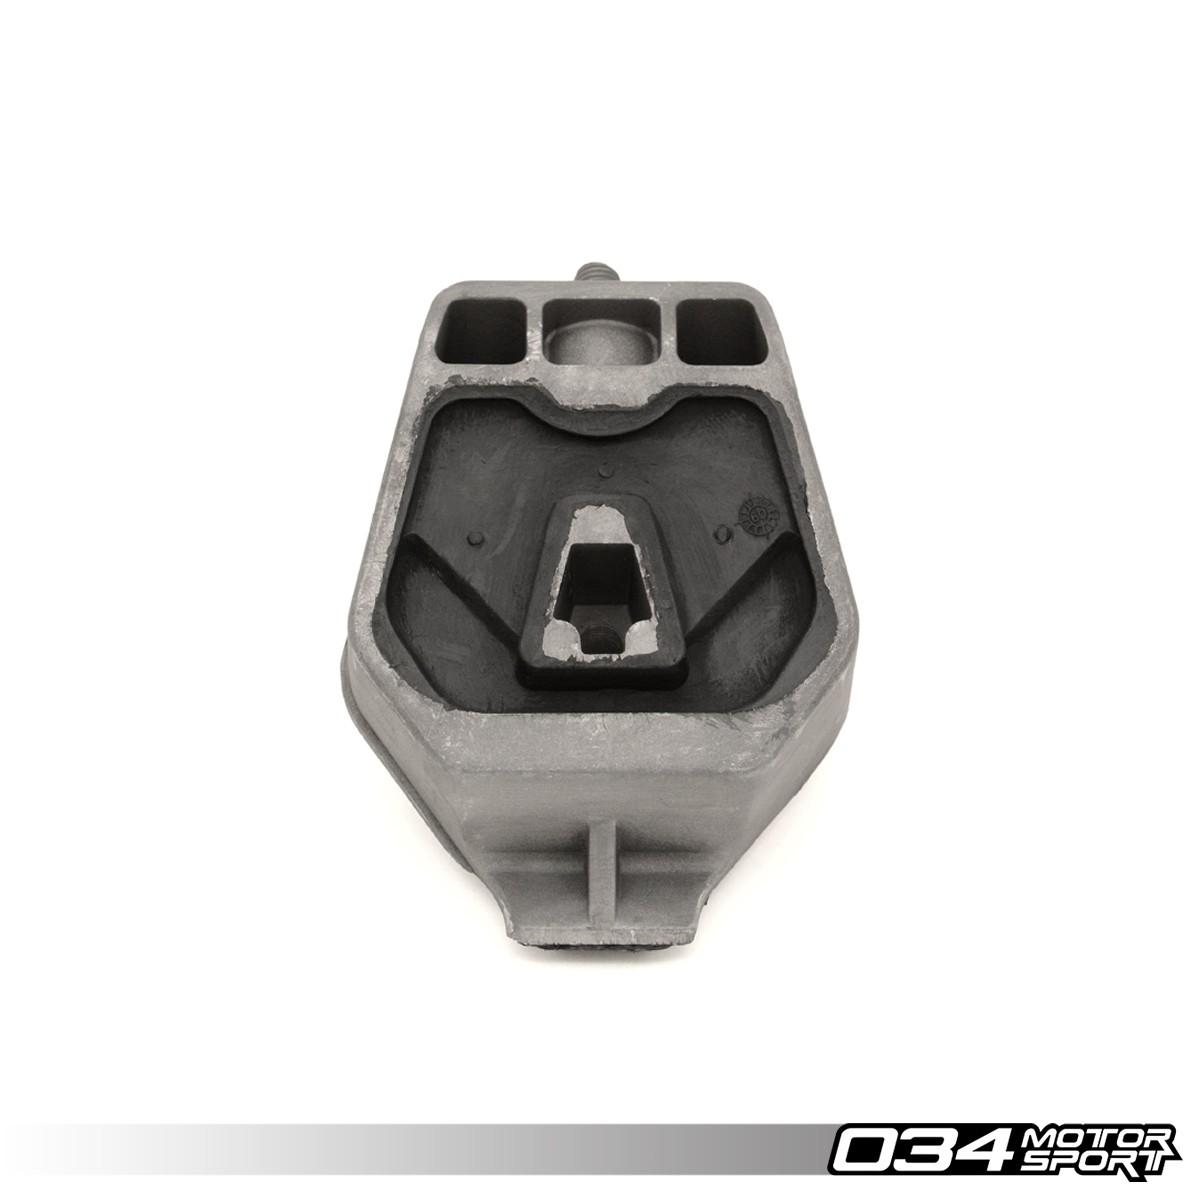 transmission mount density line c4 audi 100 a6 urs4 urs6 034 rh store 034motorsport com 1991 Audi 100 1992 Audi V6 Engine